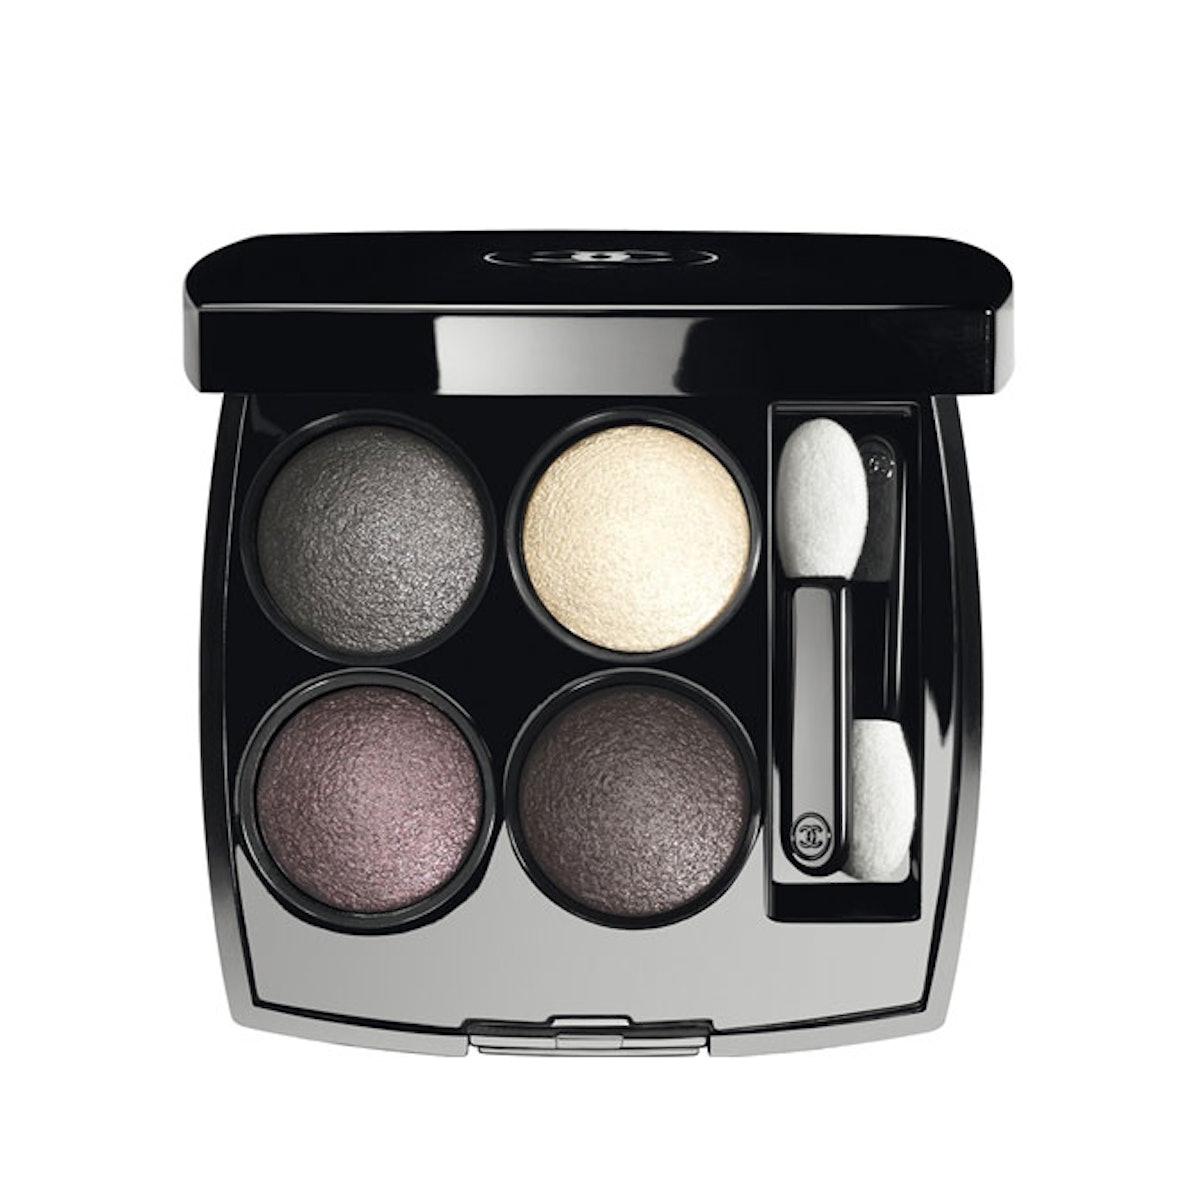 Chanel Quadra Eyeshadow in Tissé Gabrielle